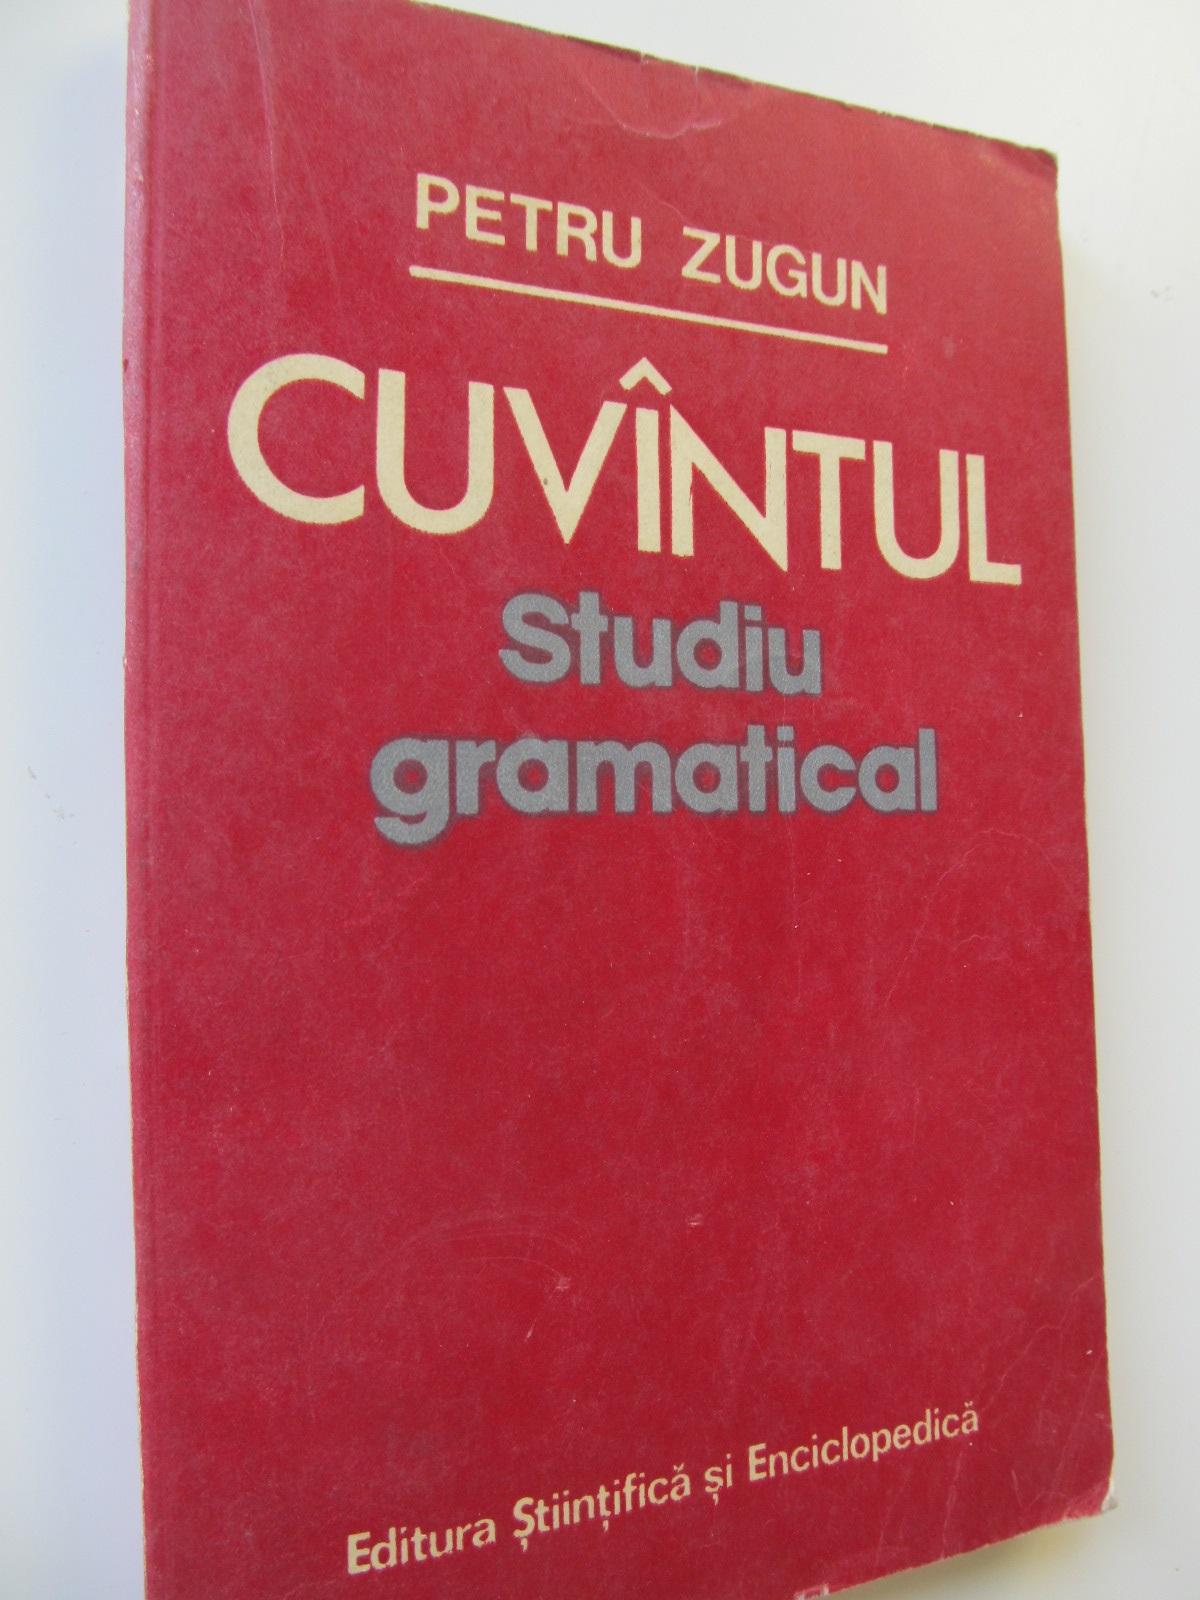 Cuvantul - Studiu gramatical - Petru Zugun | Detalii carte